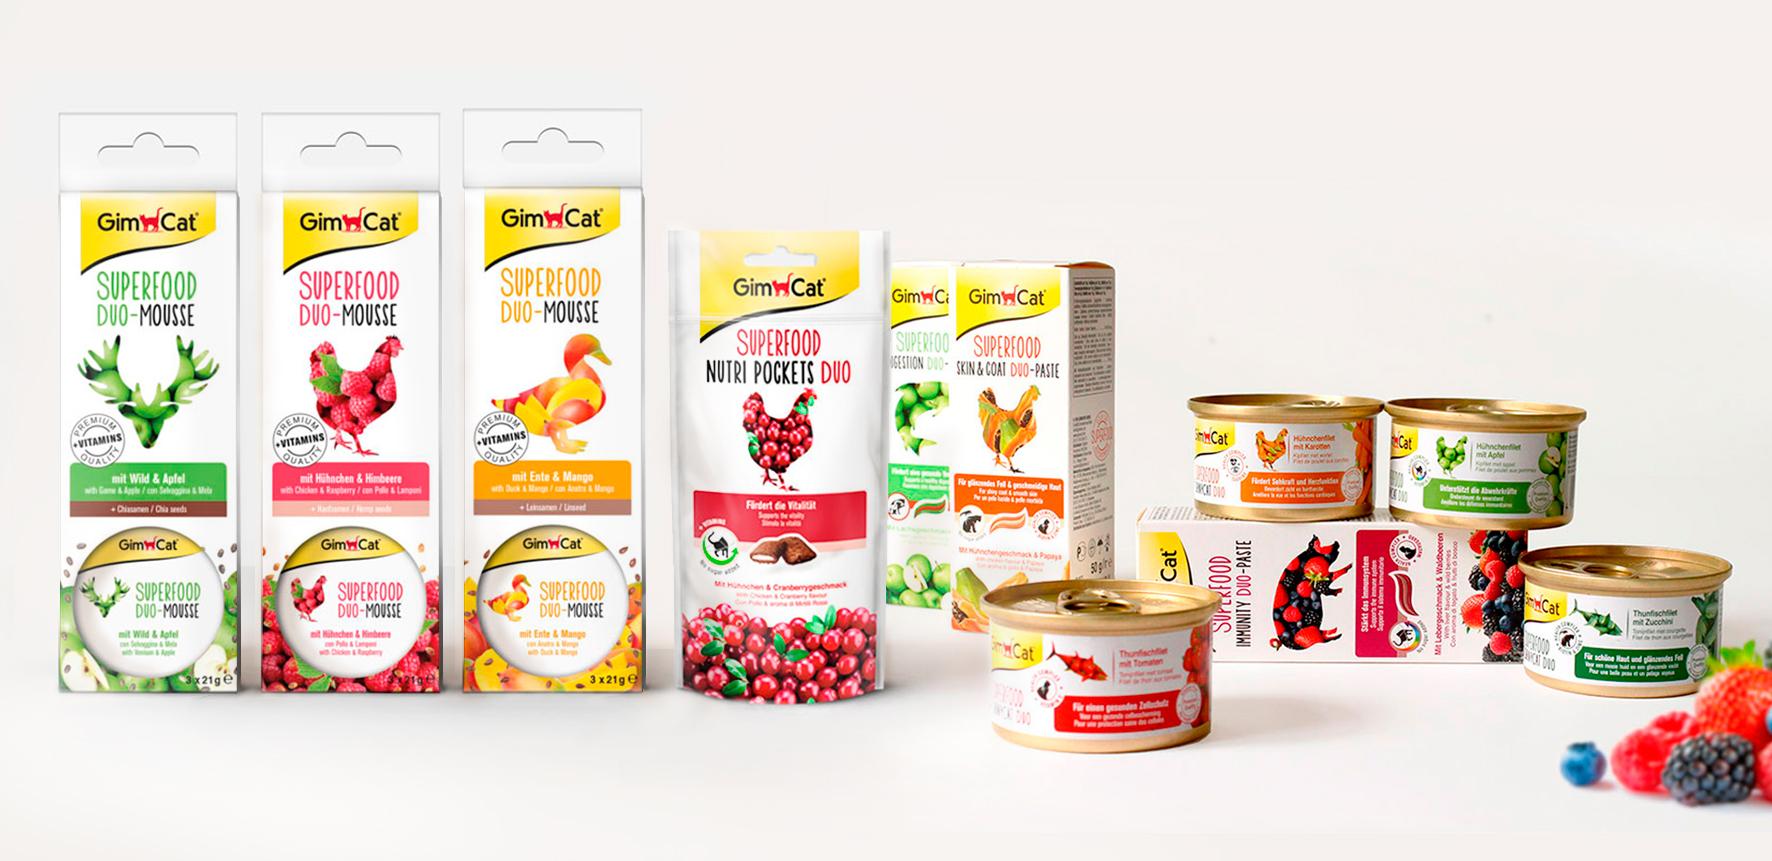 """Packaging Design, nourriture pour chats """"Superfood"""", riches en fruits, légumes et vitamines, pour la marque allemande GimCat"""